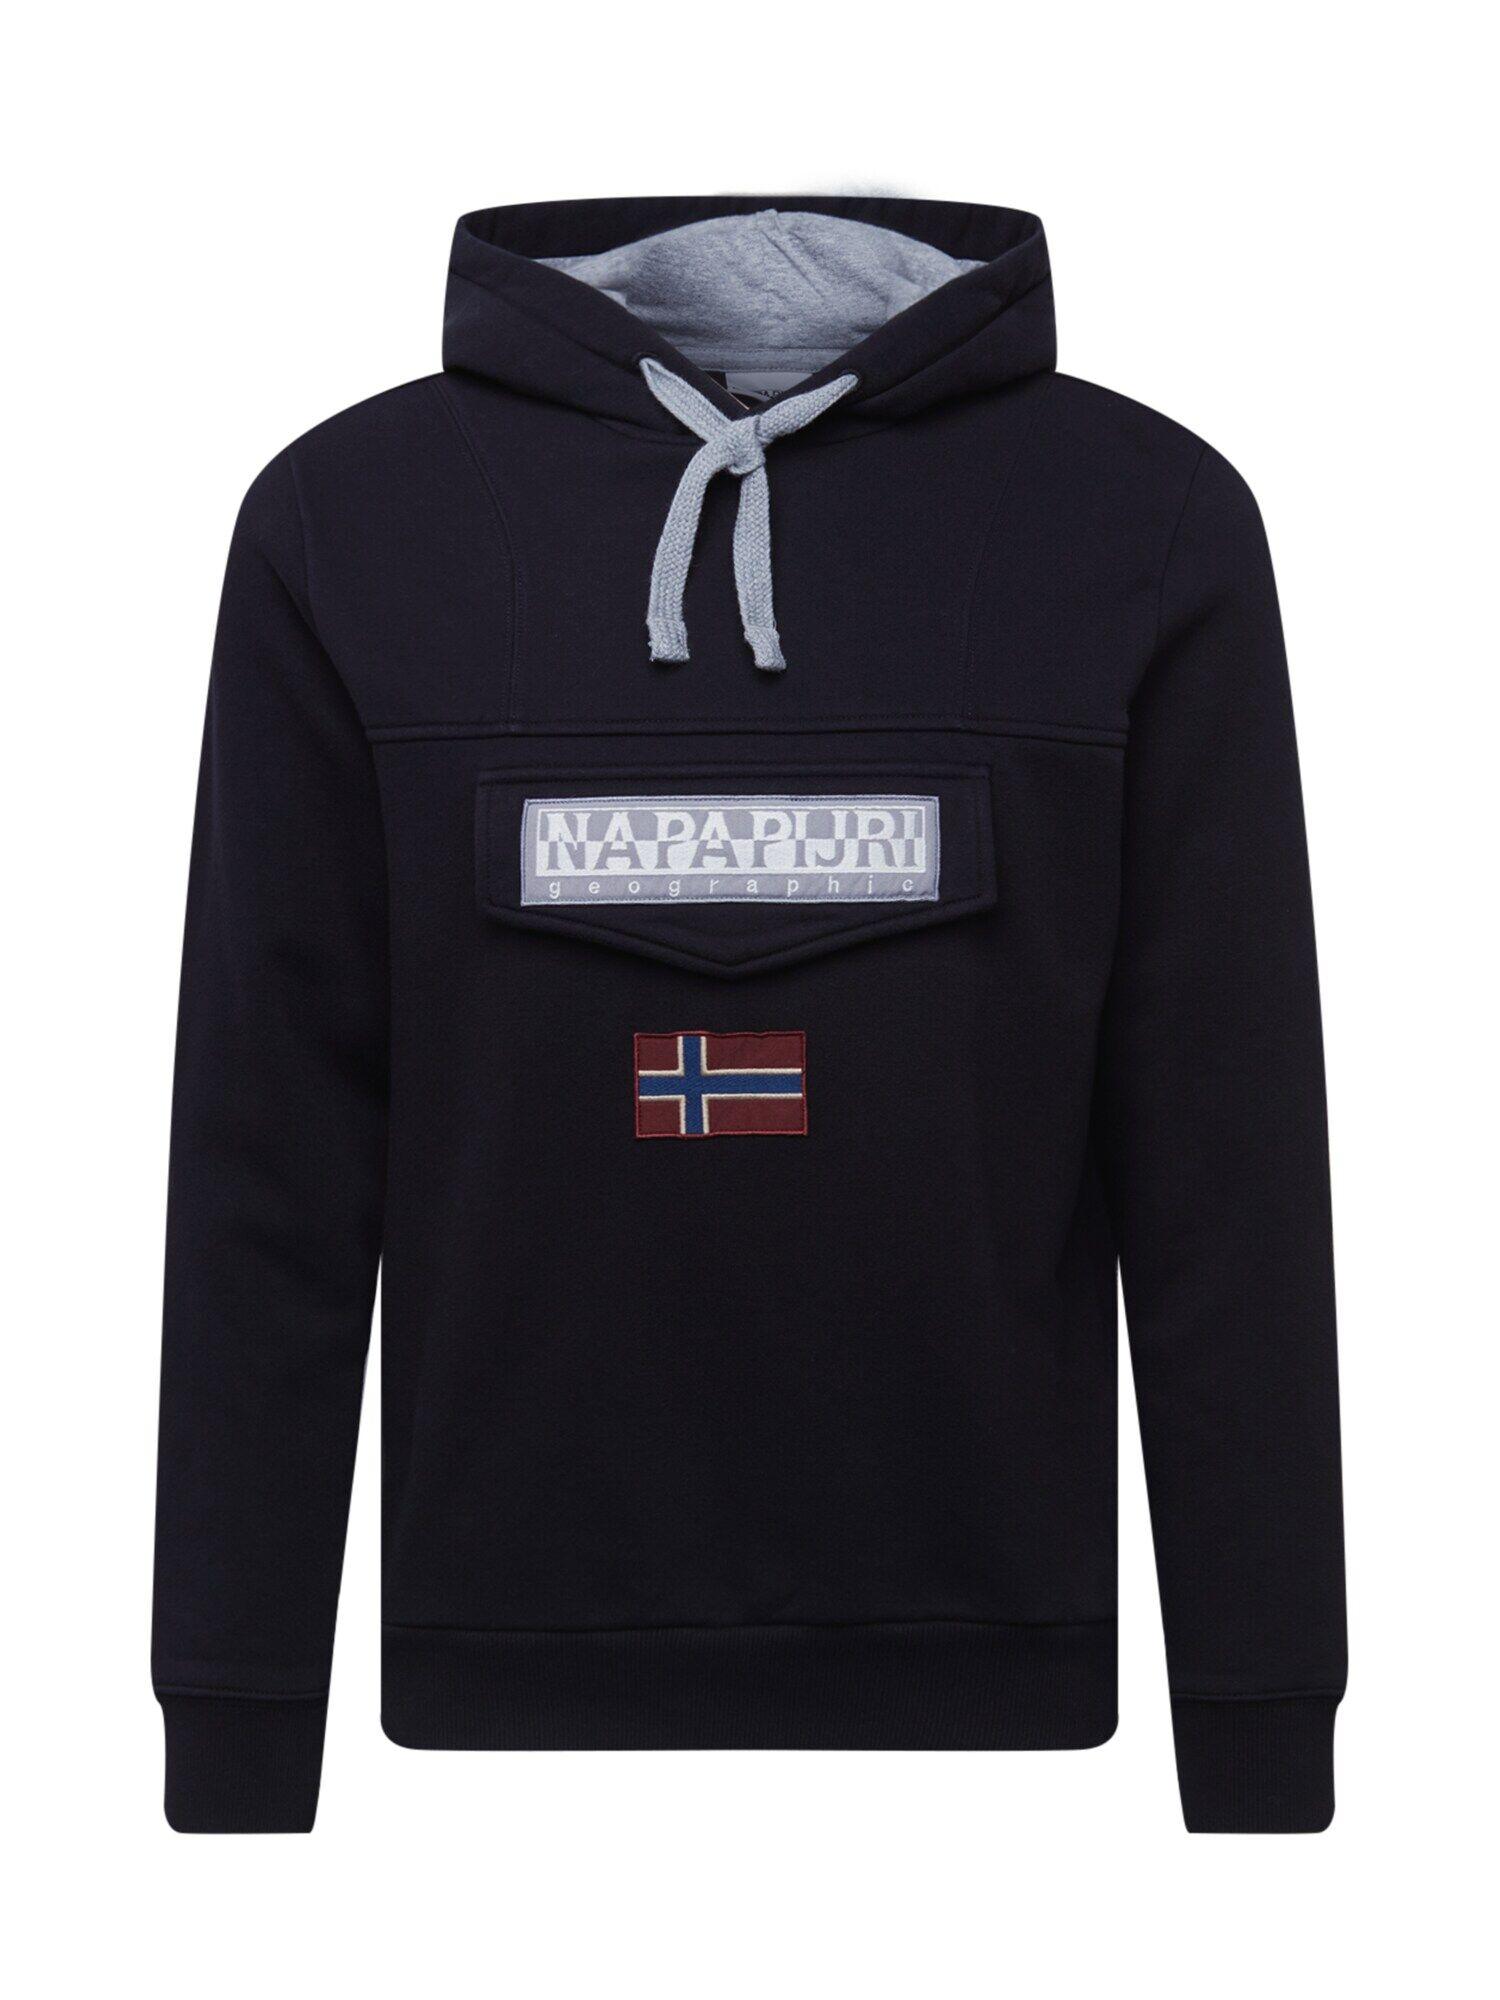 NAPAPIJRI Sweat-shirt 'Burgee'  - Noir - Taille: L - male